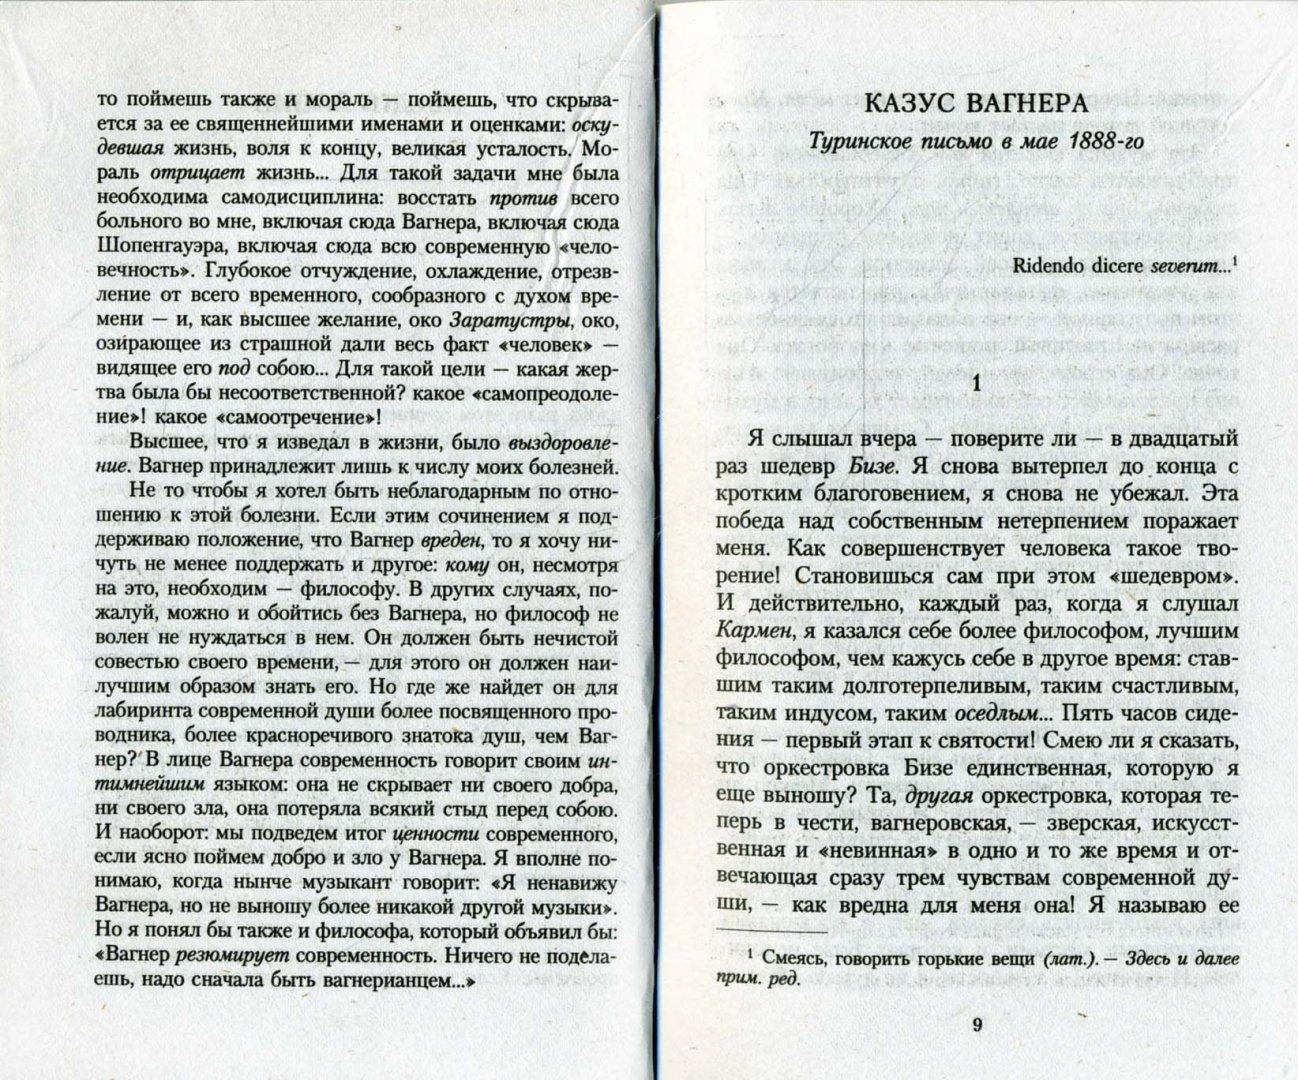 Иллюстрация 1 из 15 для Казус Вагнера: эссе - Фридрих Ницше | Лабиринт - книги. Источник: Лабиринт